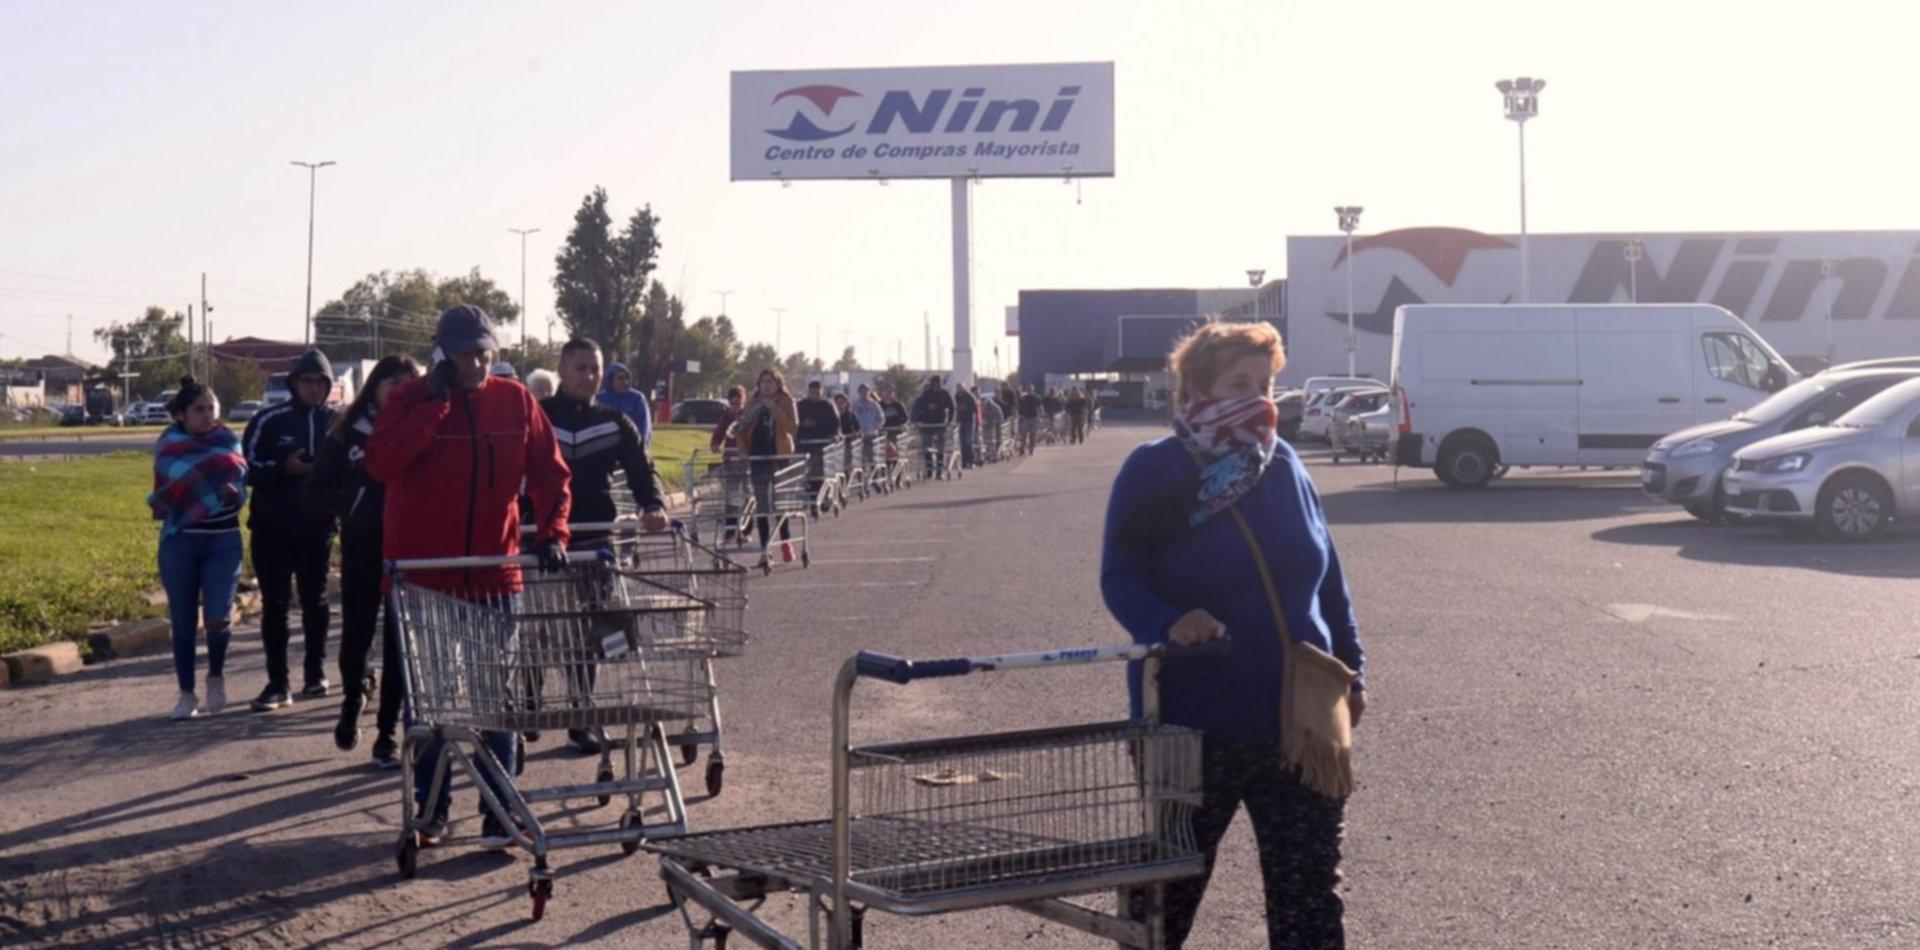 Continúan los operativos y el control de precios en hipermercados de La Plata